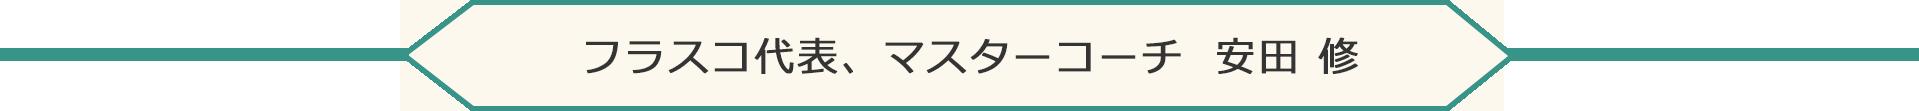 フラスコ代表、マスターコーチ 安田修